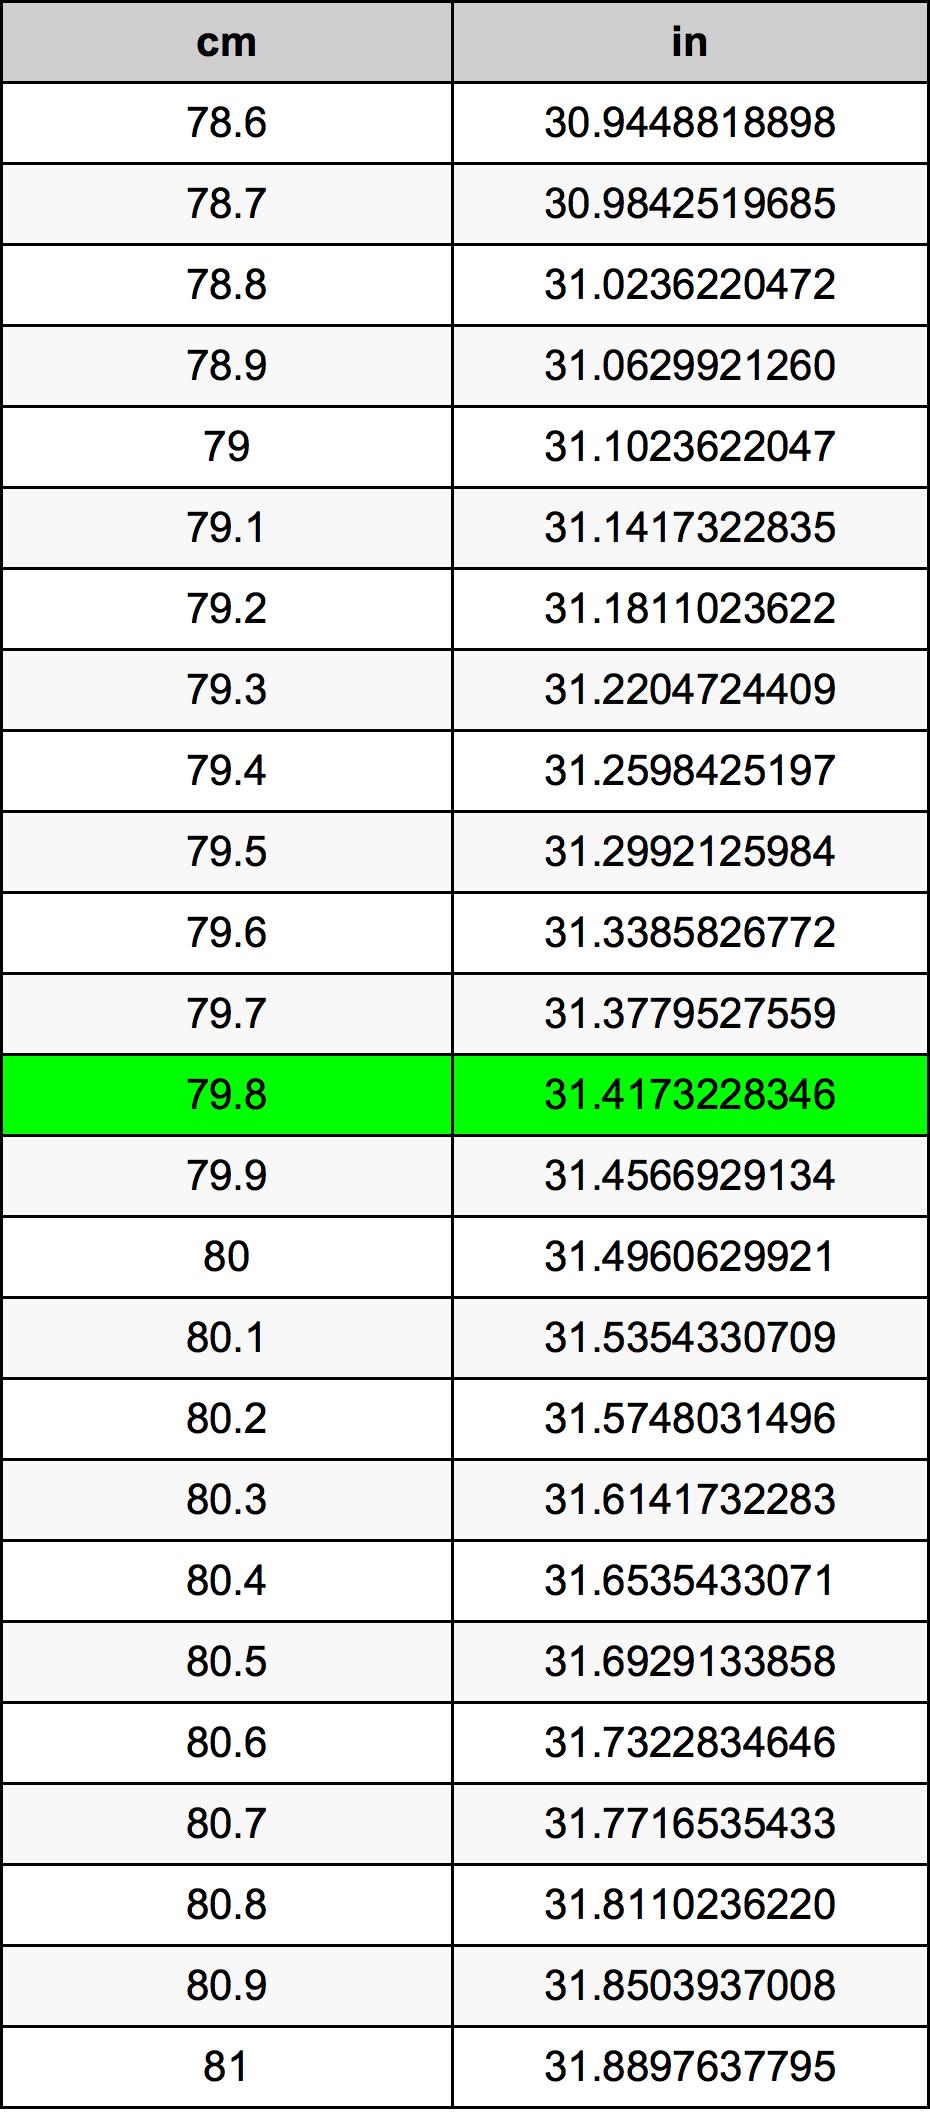 79.8センチメートル換算表